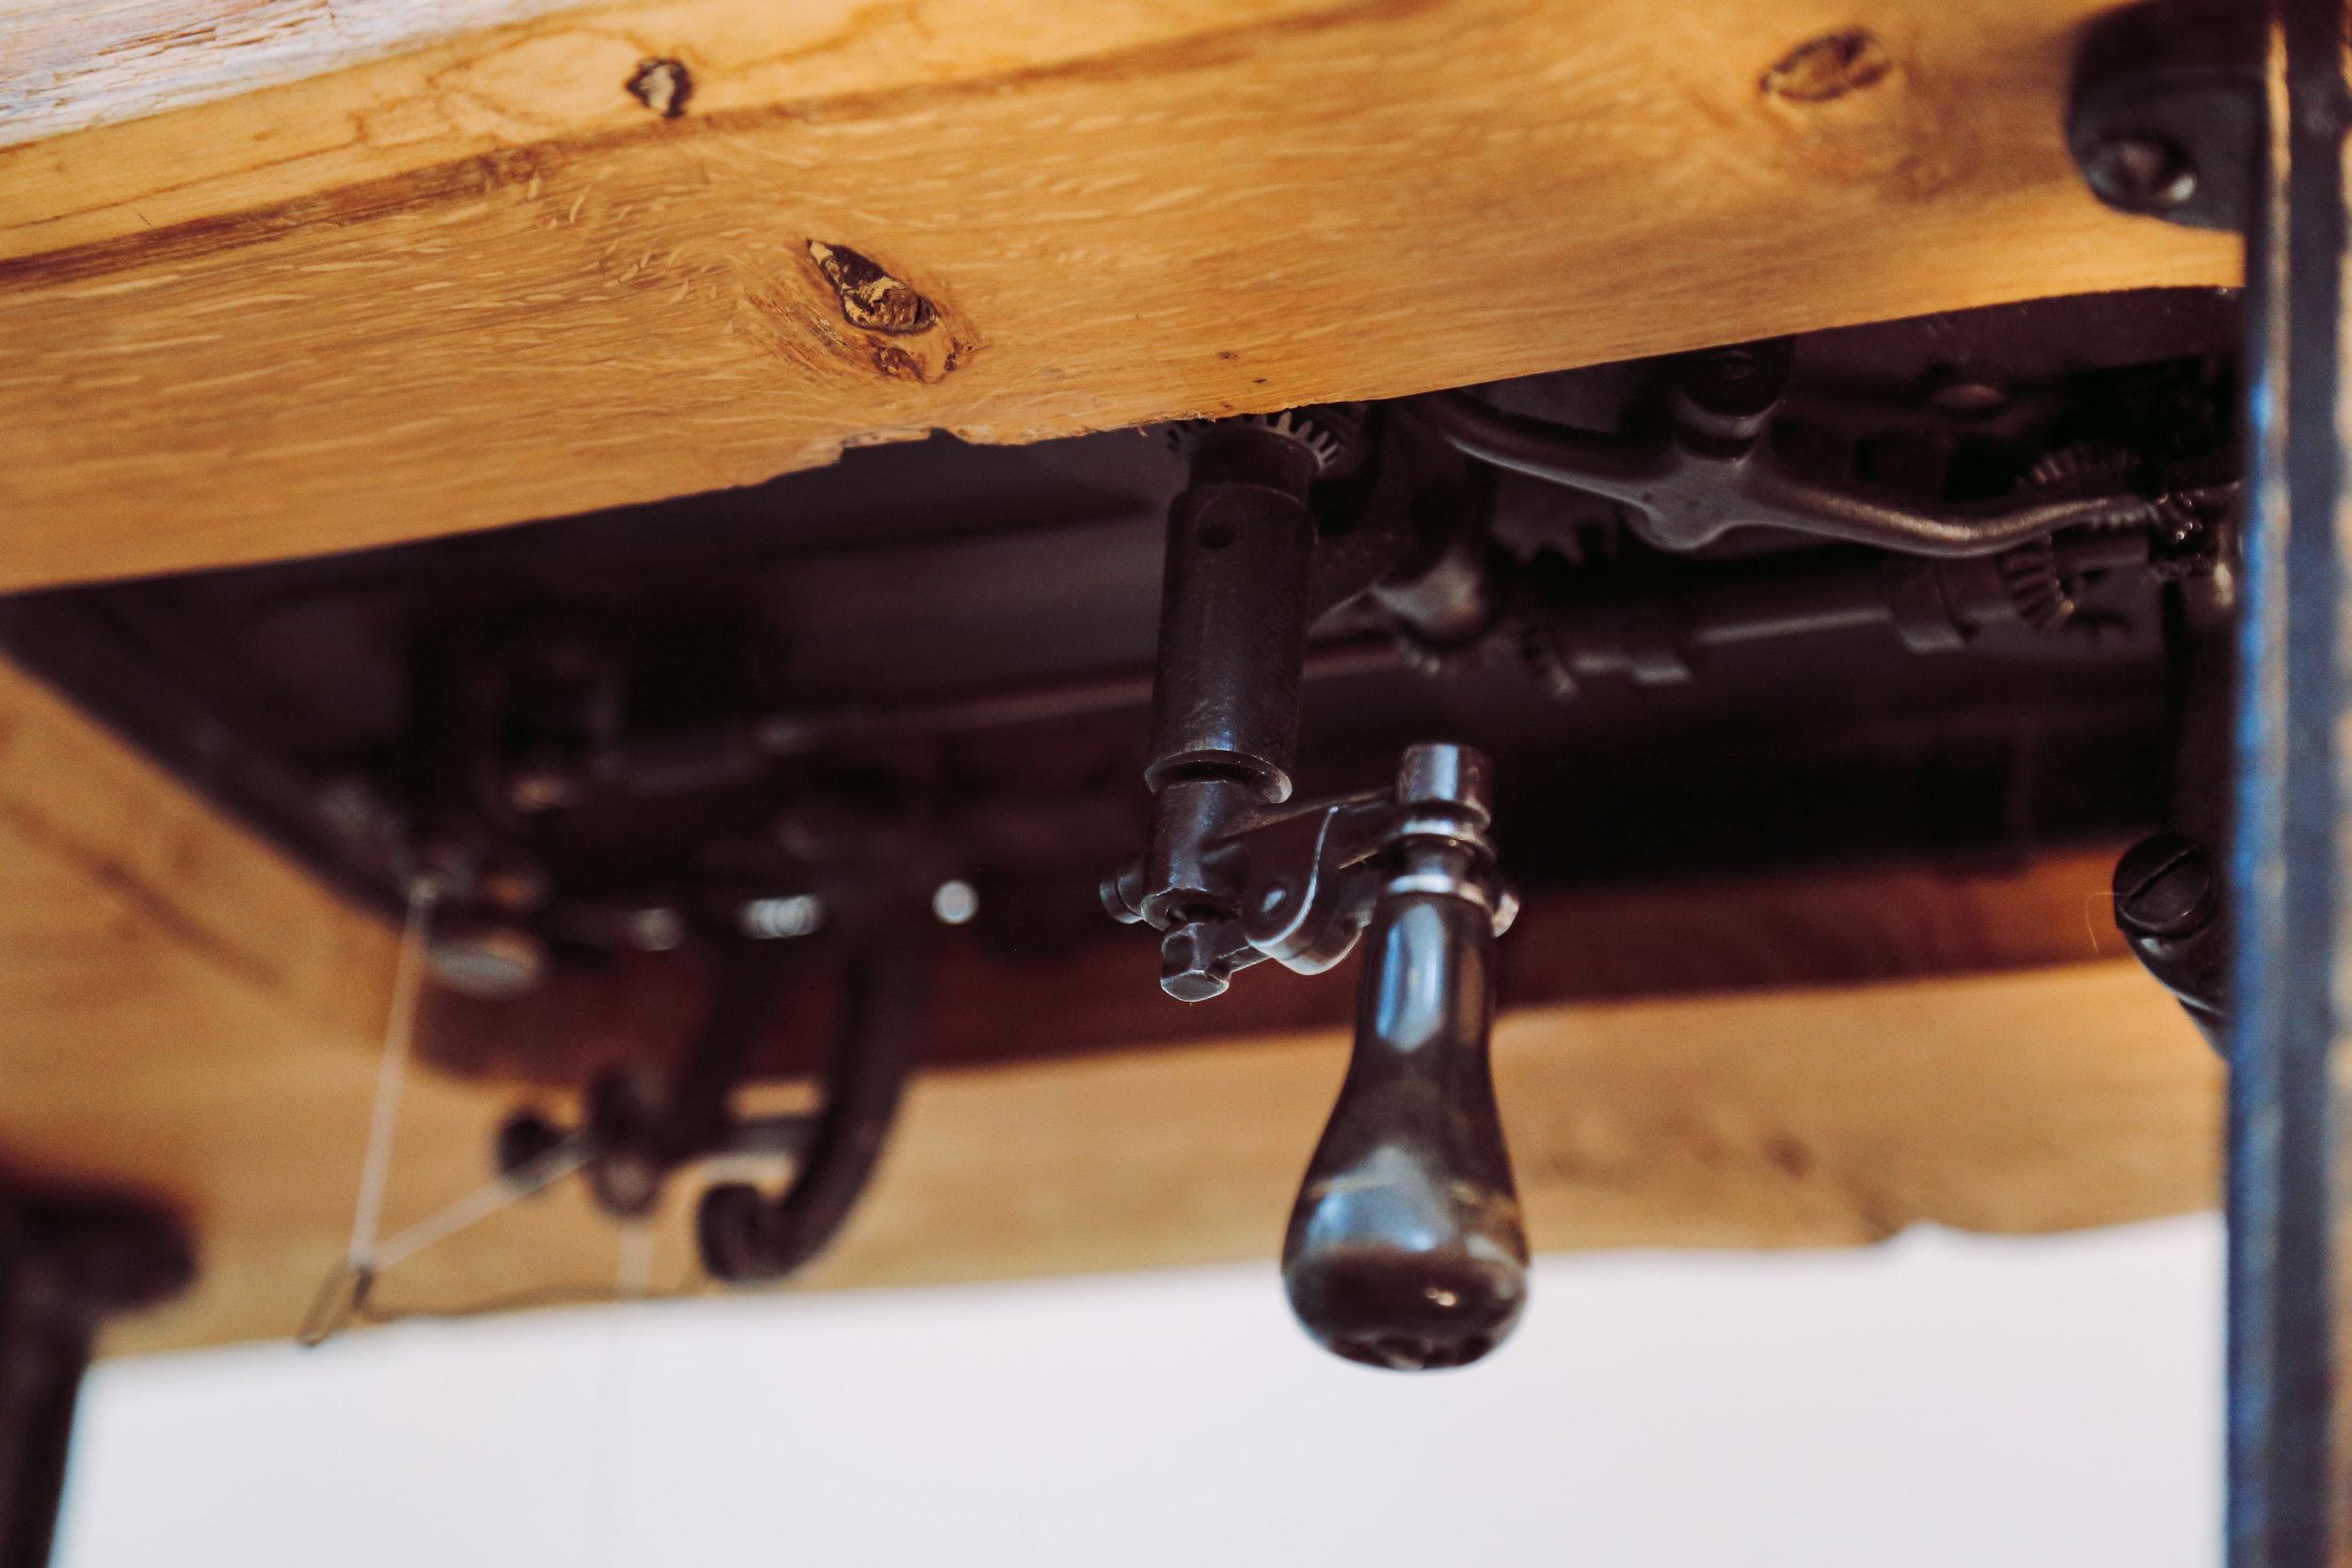 Cornely A Handcrank Steering Knob Saintchains Chainstitch Machine